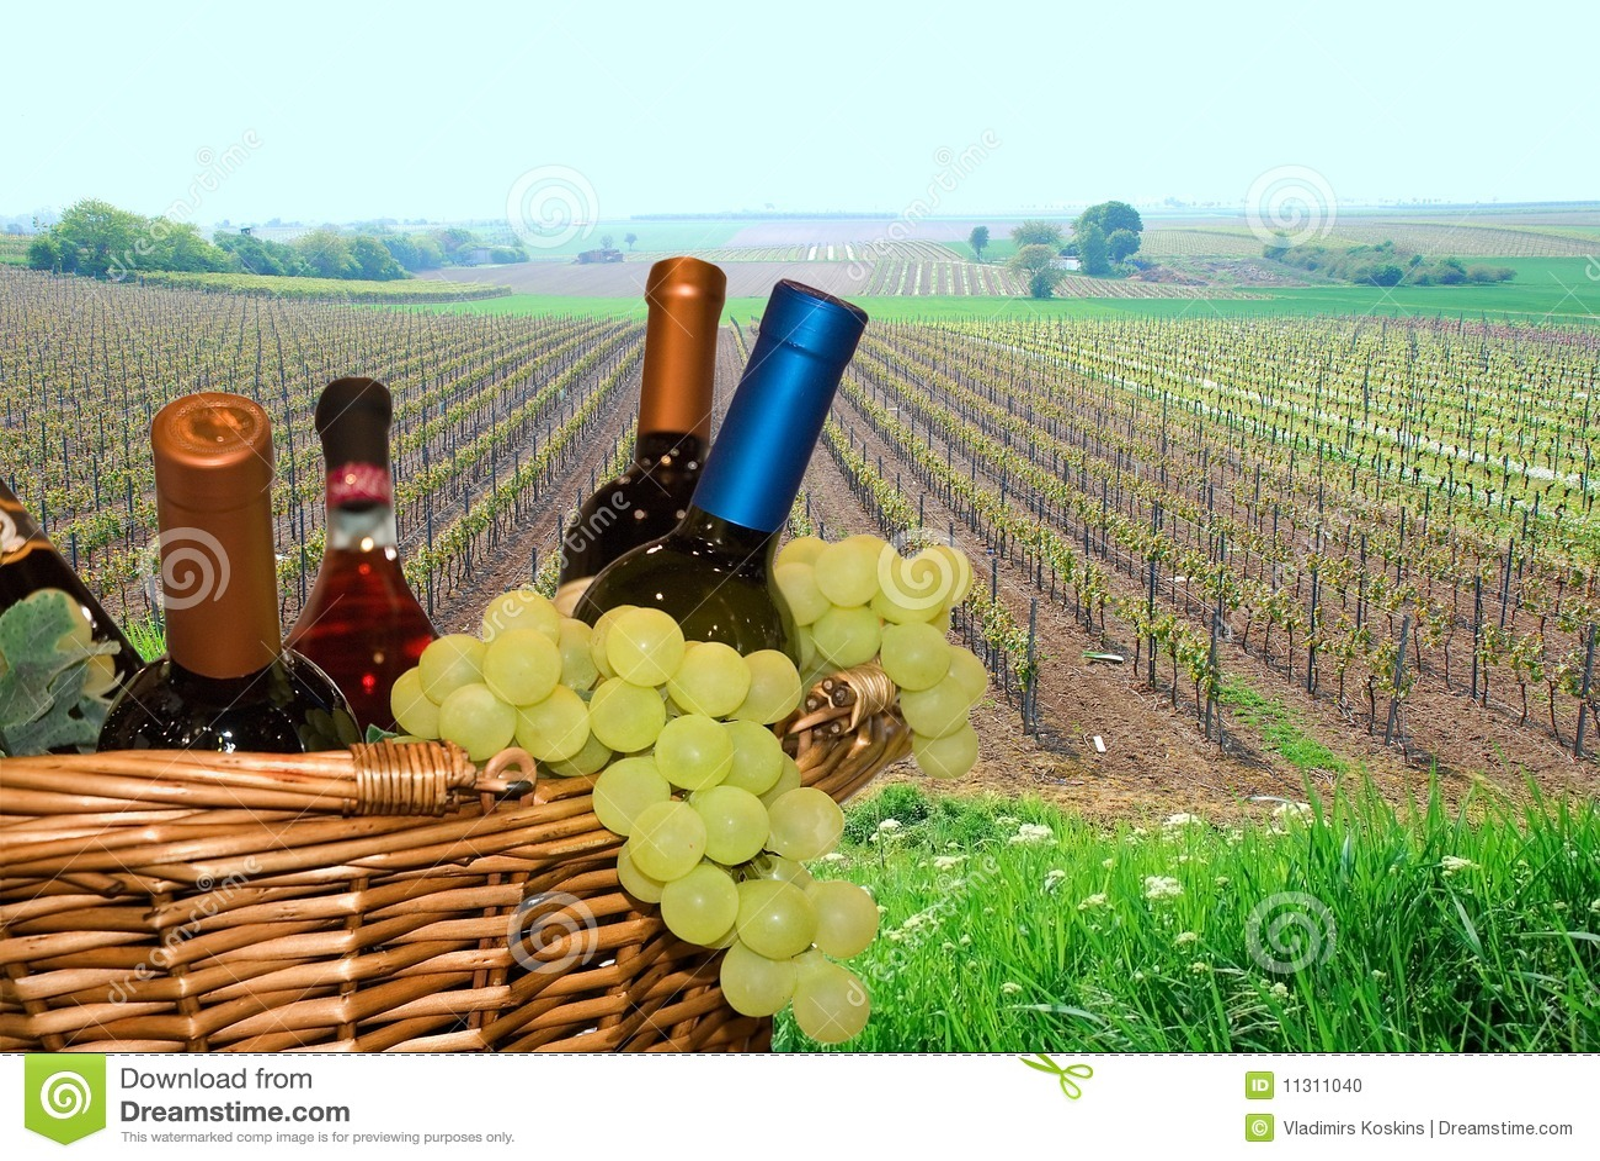 Korb mit Trauben und Wein